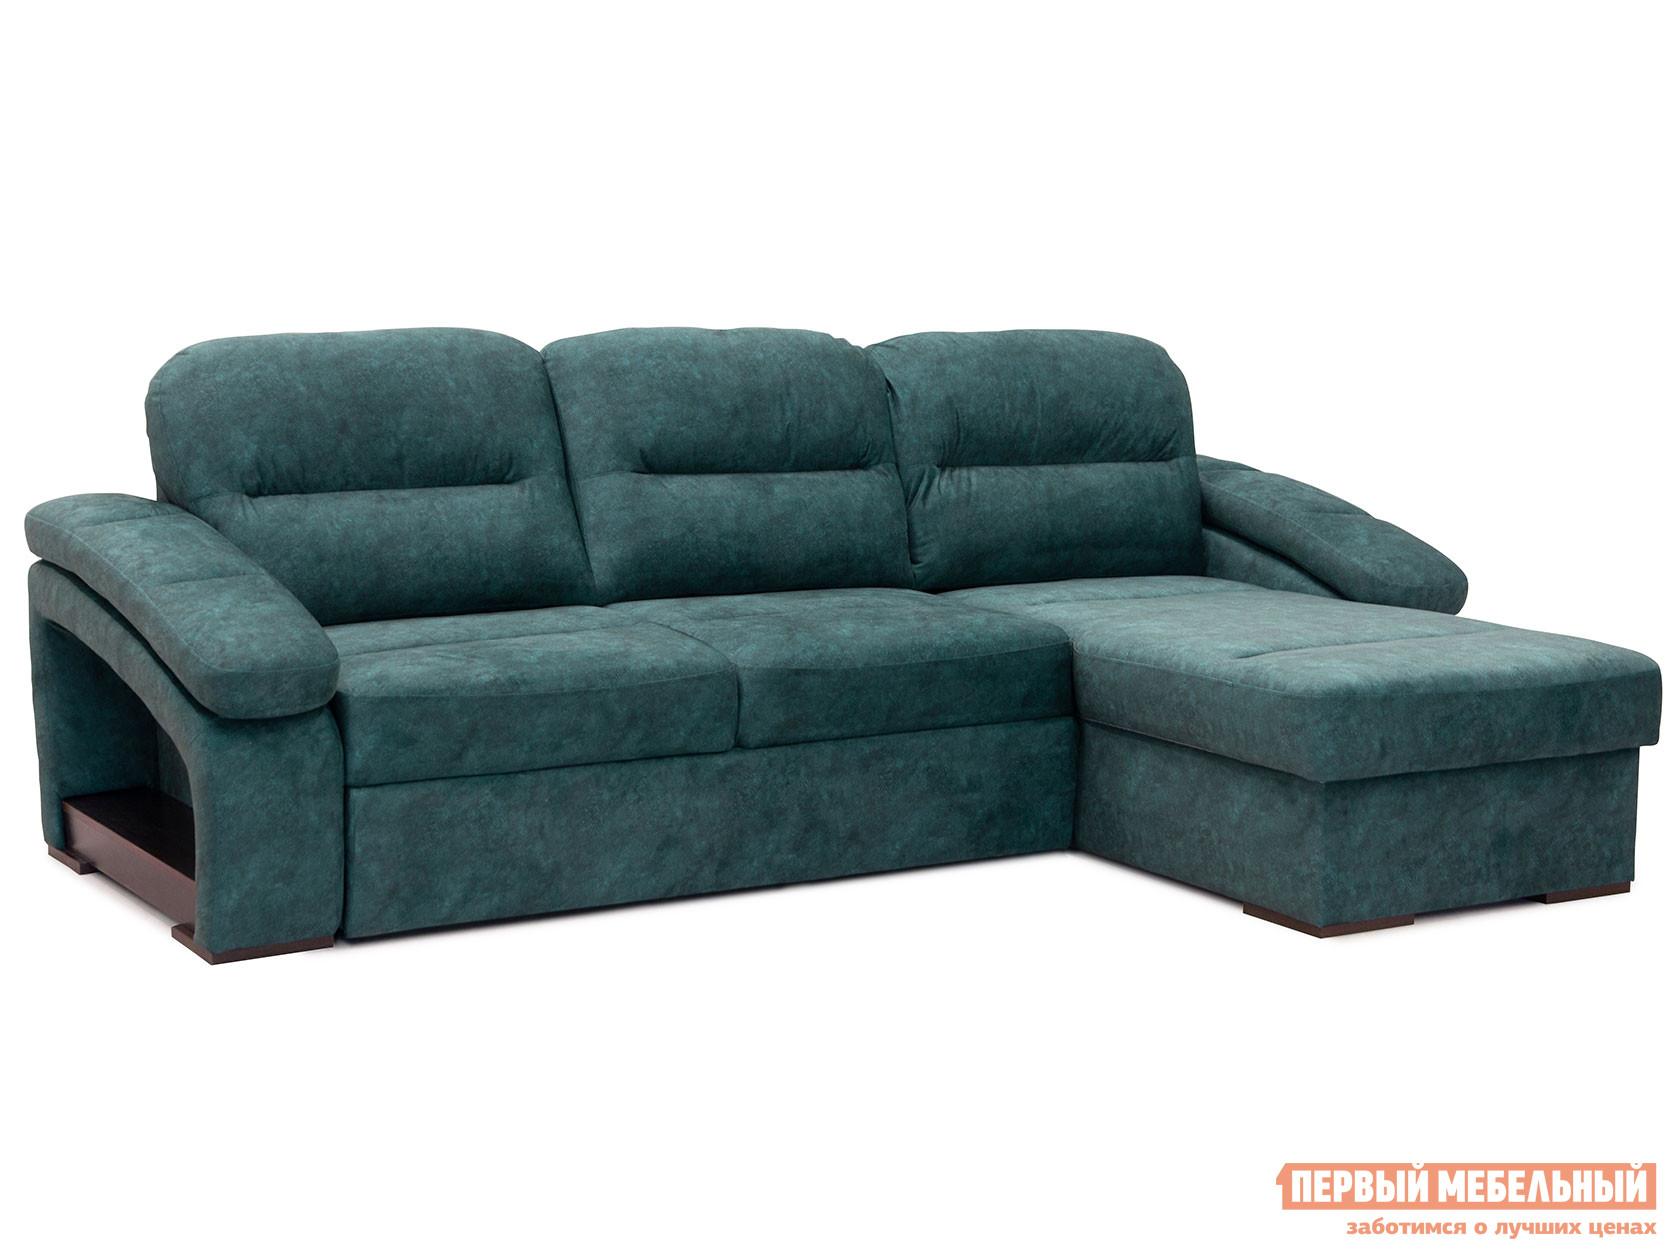 Угловой диван с оттоманкой Первый Мебельный Диван Рокси с оттоманкой